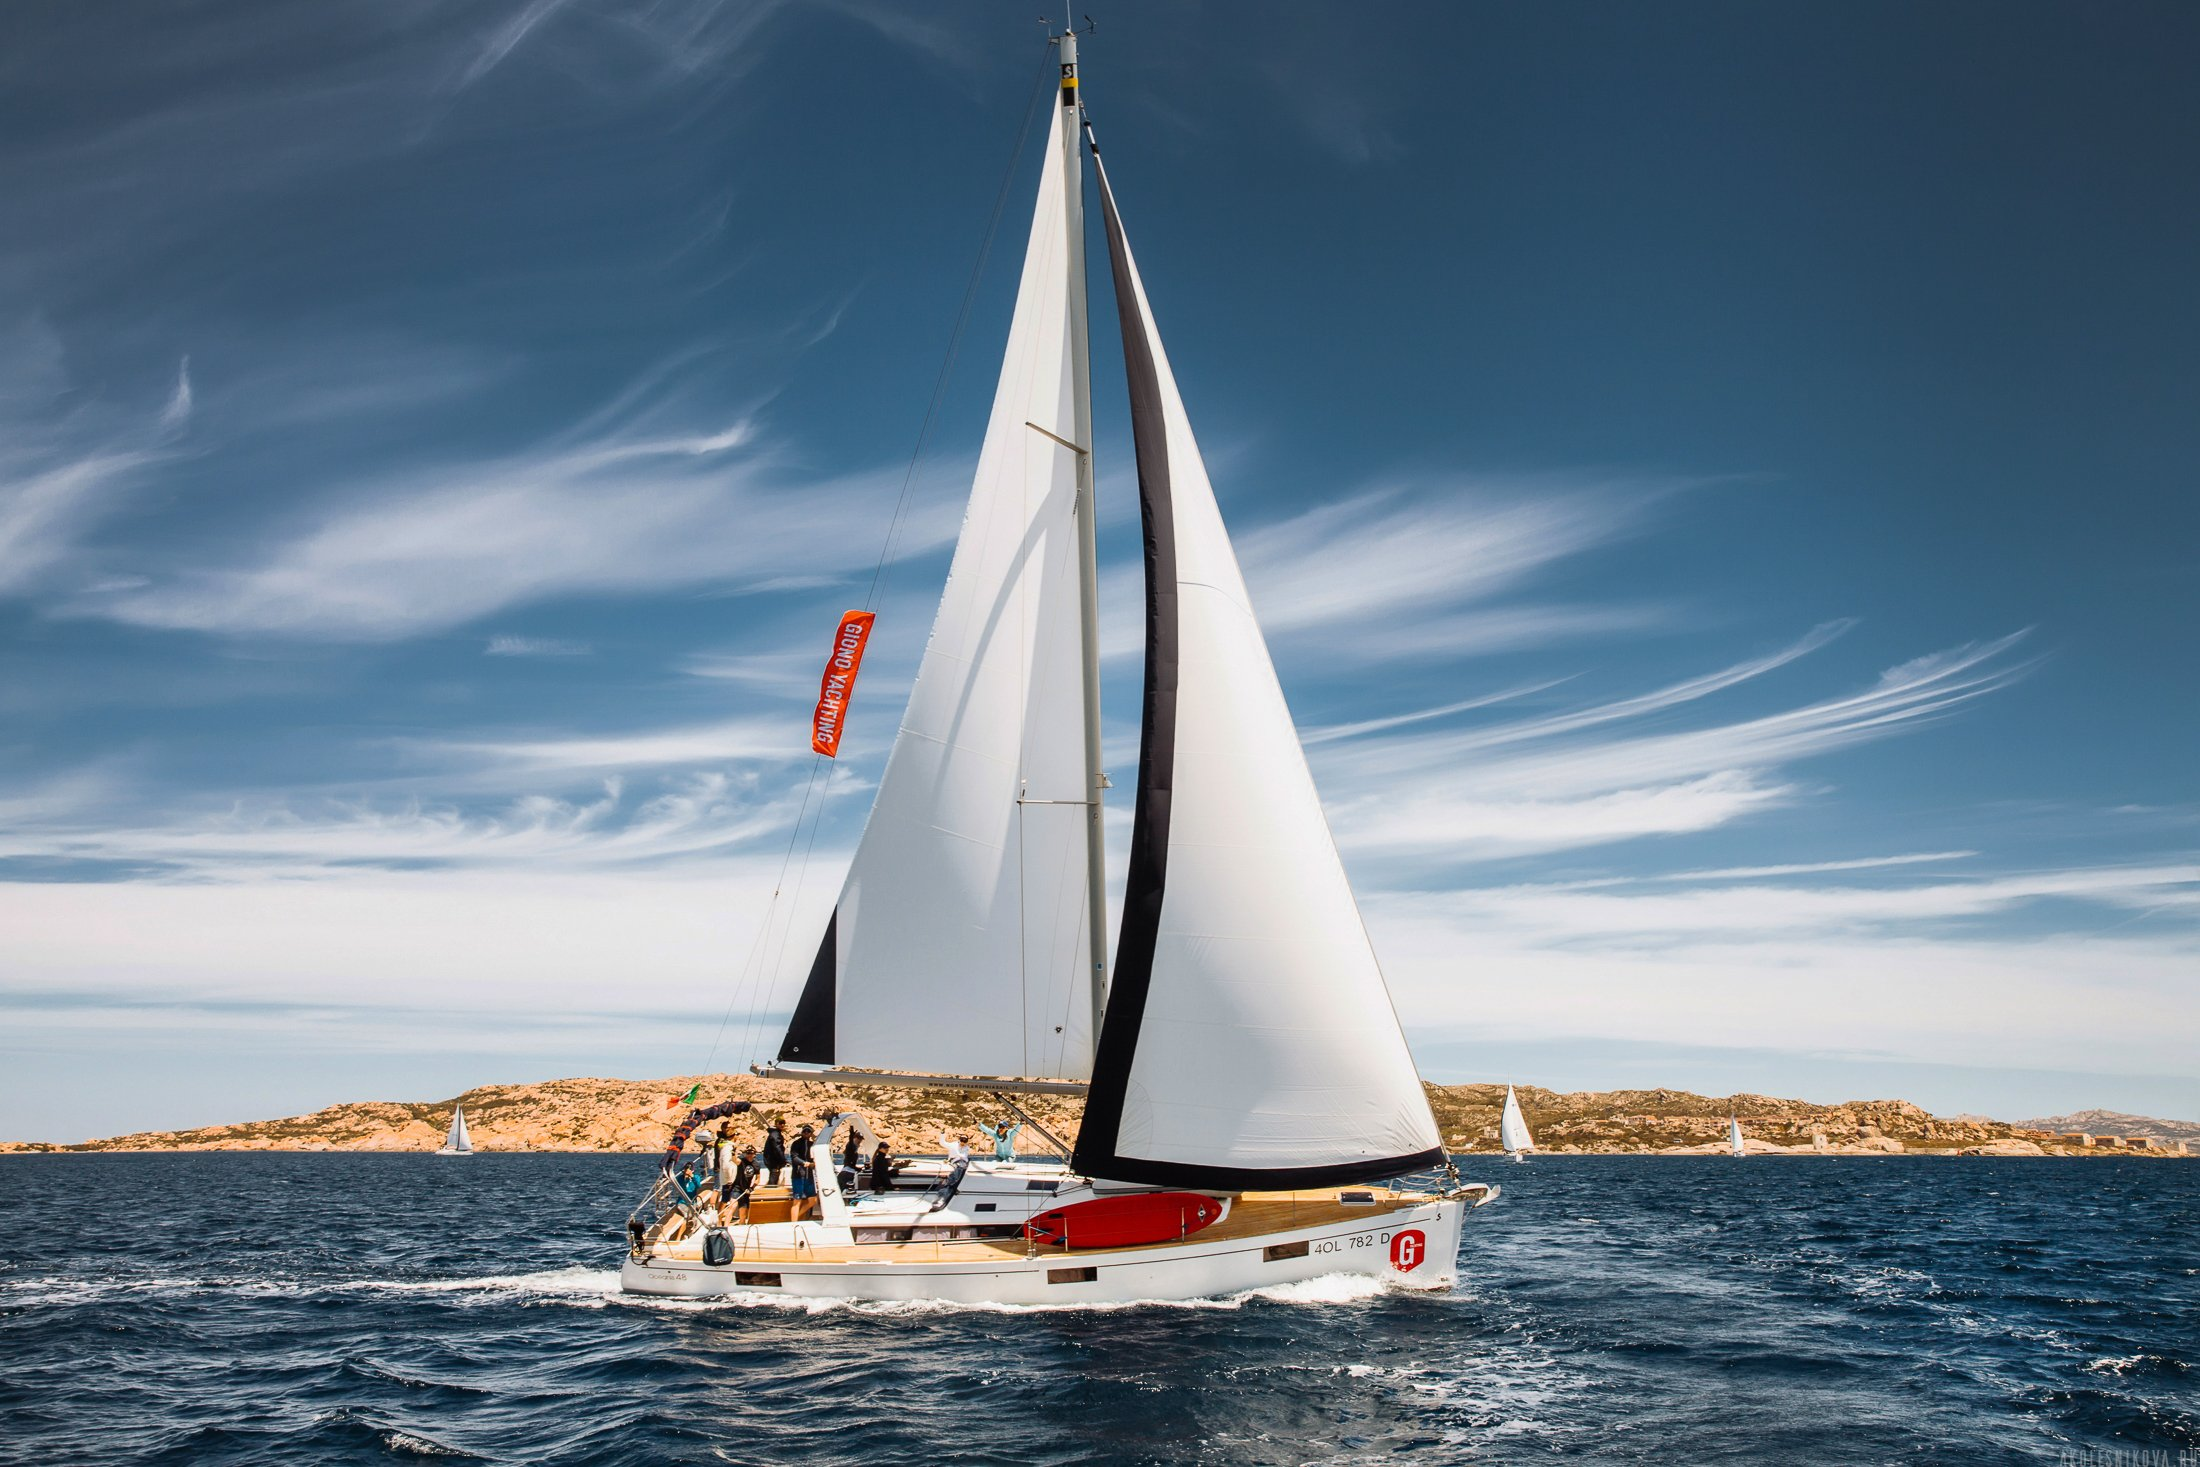 sailing, travel, sea, sport, яхтинг, италия, море, путешествие, пейзаж, спорт, Анастасия Колесникова